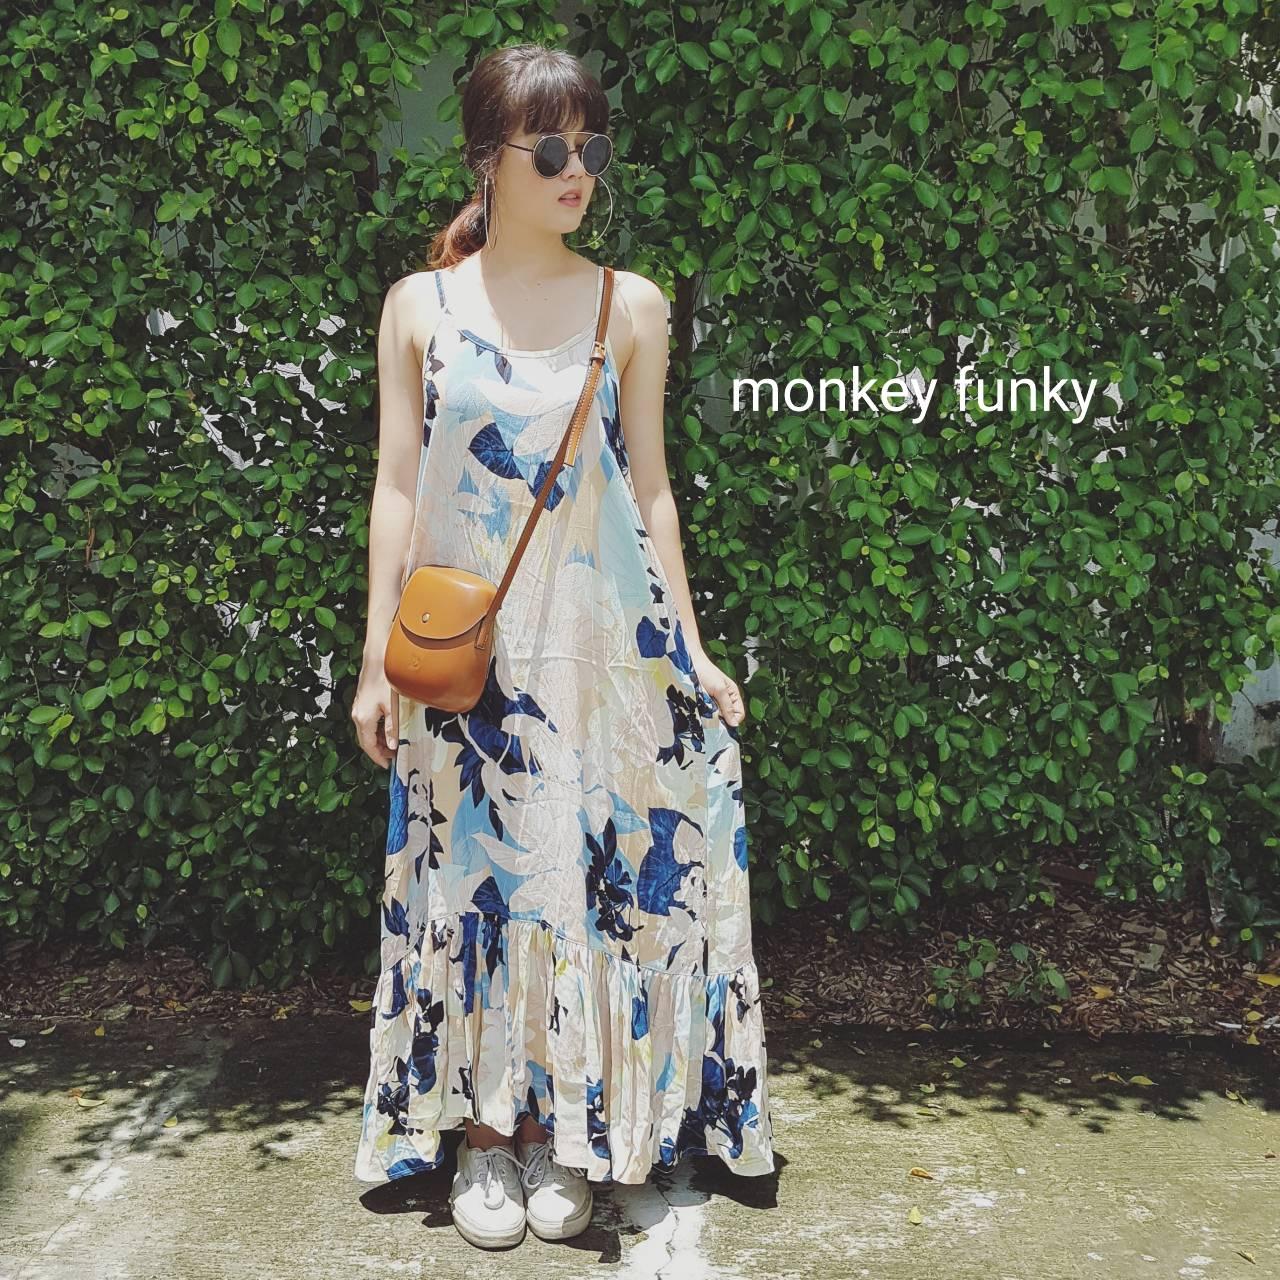 8/31前蝦皮免運 [現貨] 泰國設計師品牌 Monkey Funky 舒適度假長洋裝 (加臉書社團再折50)